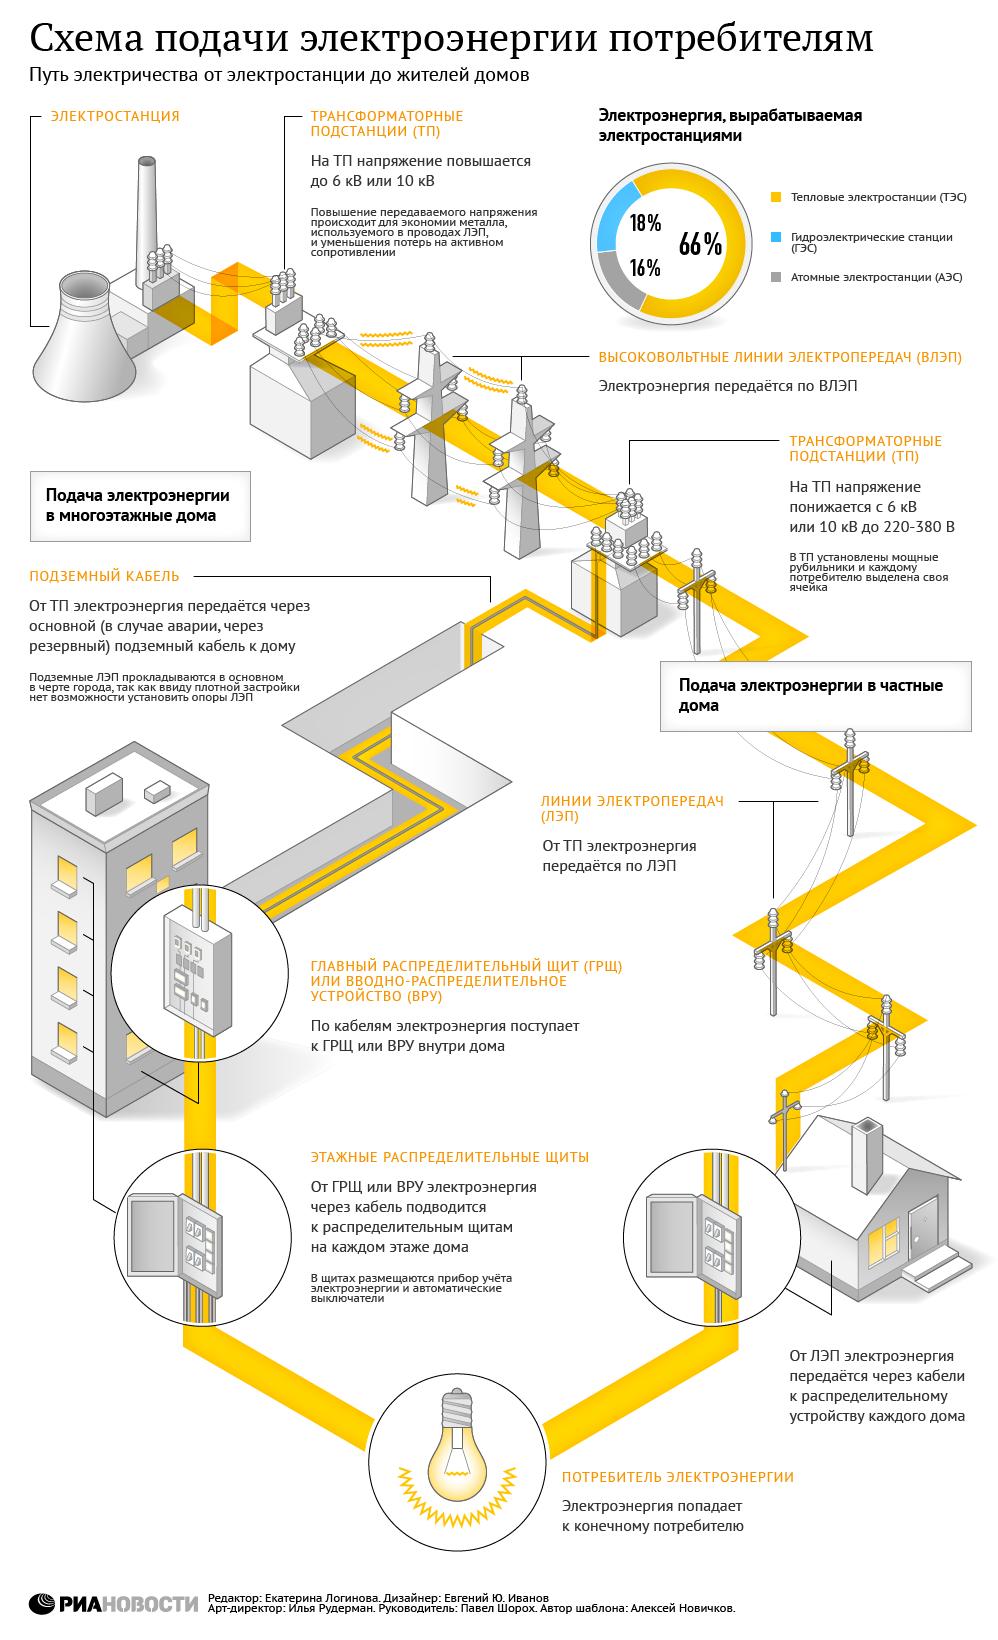 Схема подачи электроэнергии